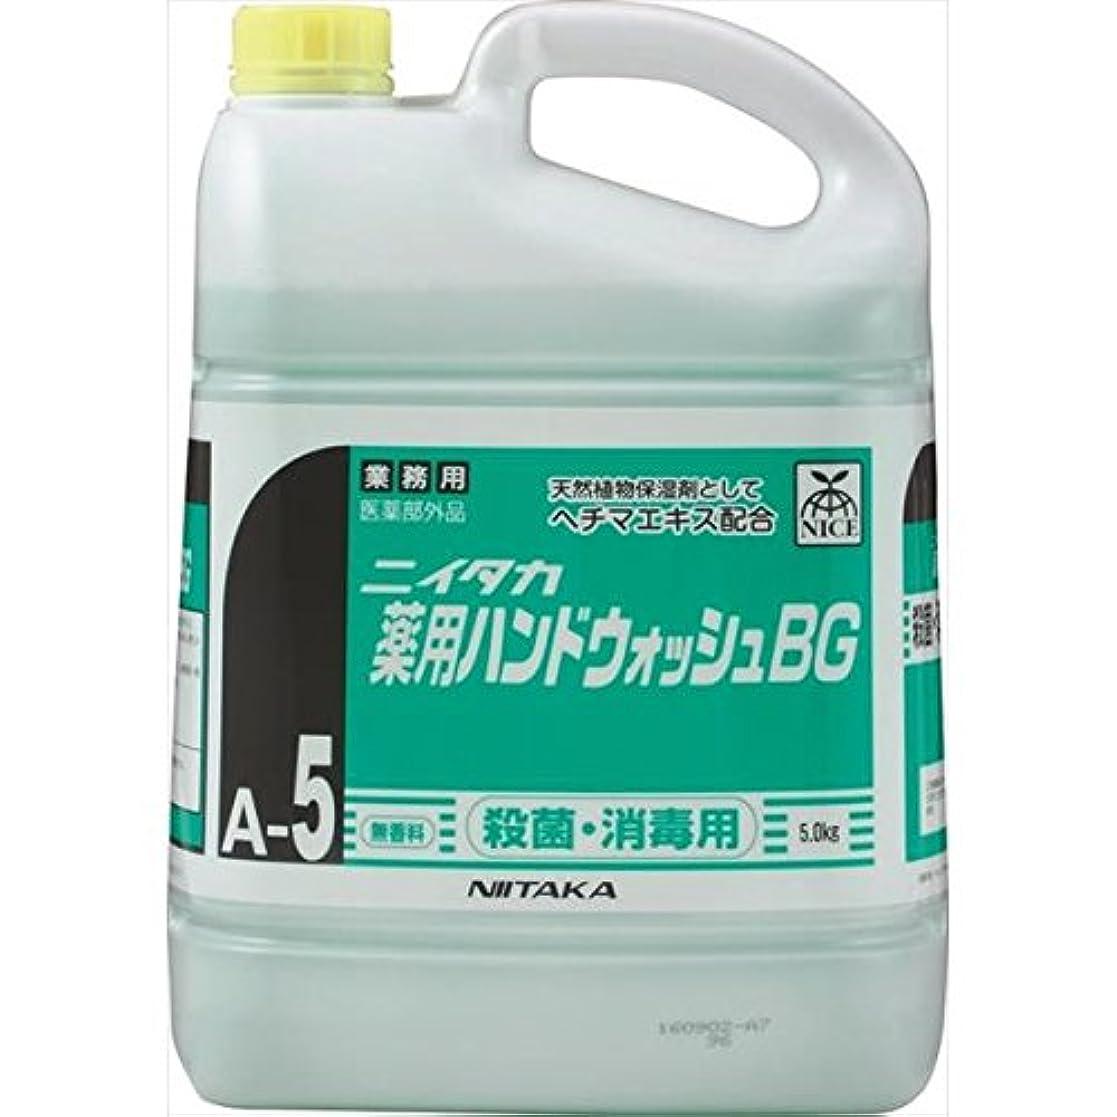 組み合わせる年金受給者アカデミーニイタカ:薬用ハンドウォッシュBG(A-5) 5kg×3 250440